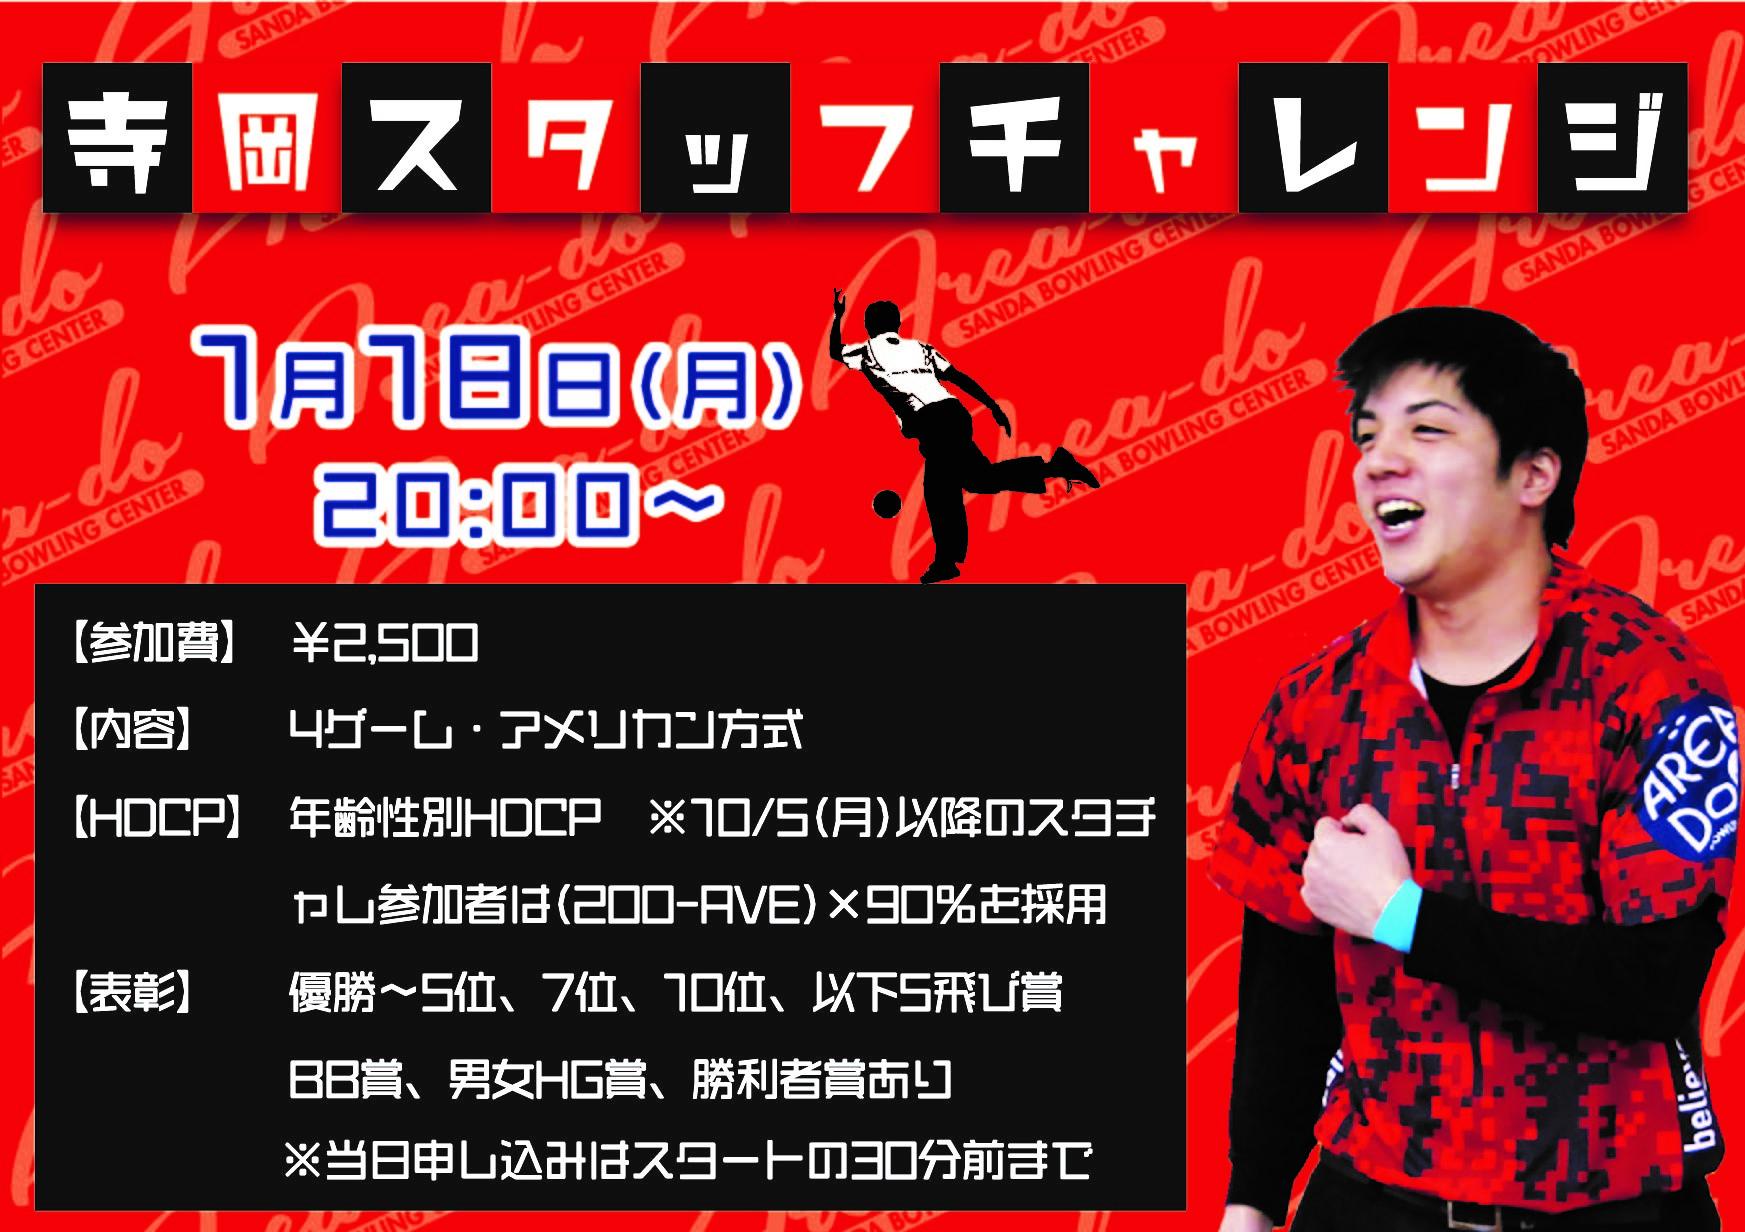 寺岡チャレンジヨコ2101